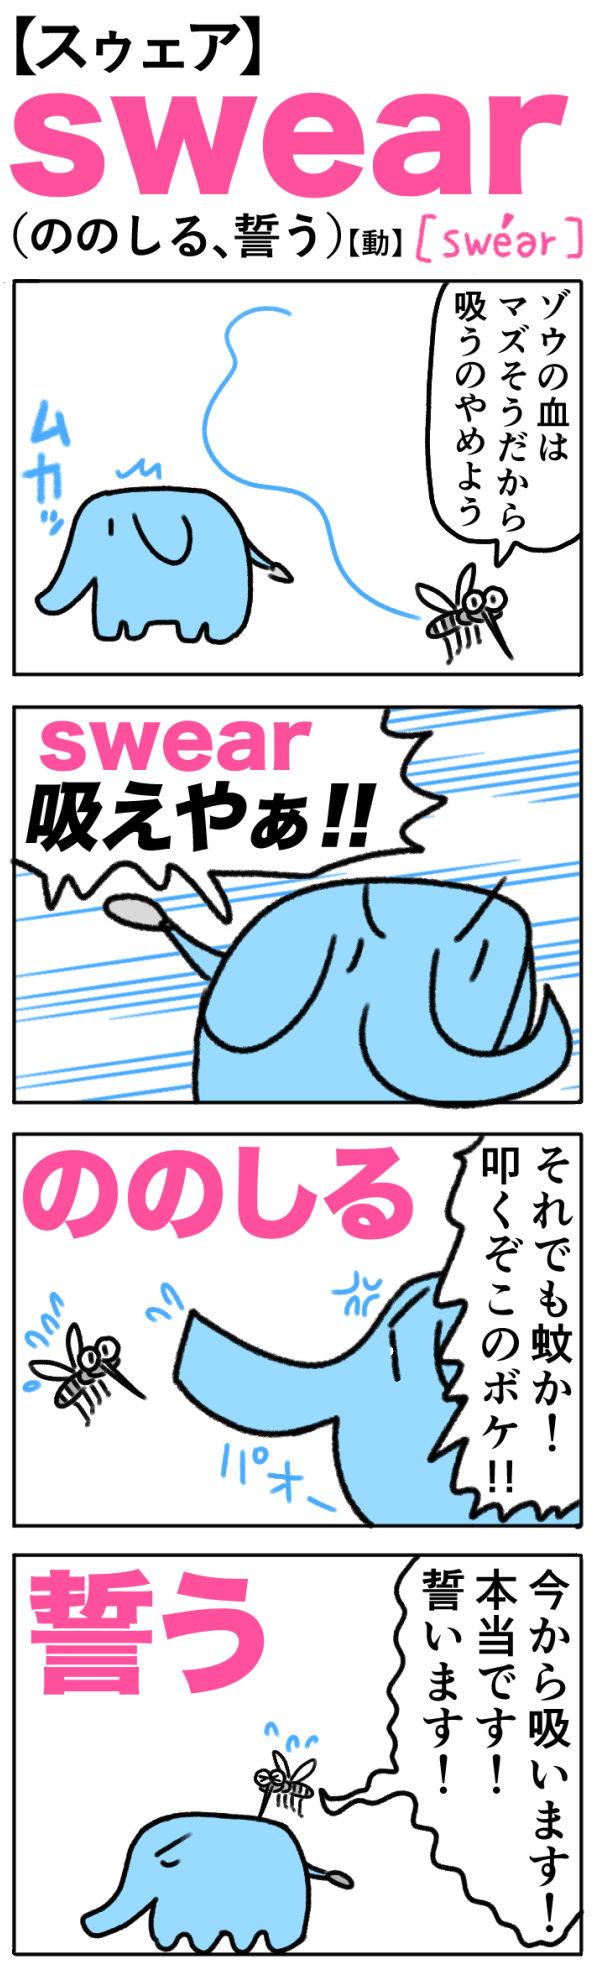 swear(ののしる、誓う)の語呂合わせ英単語